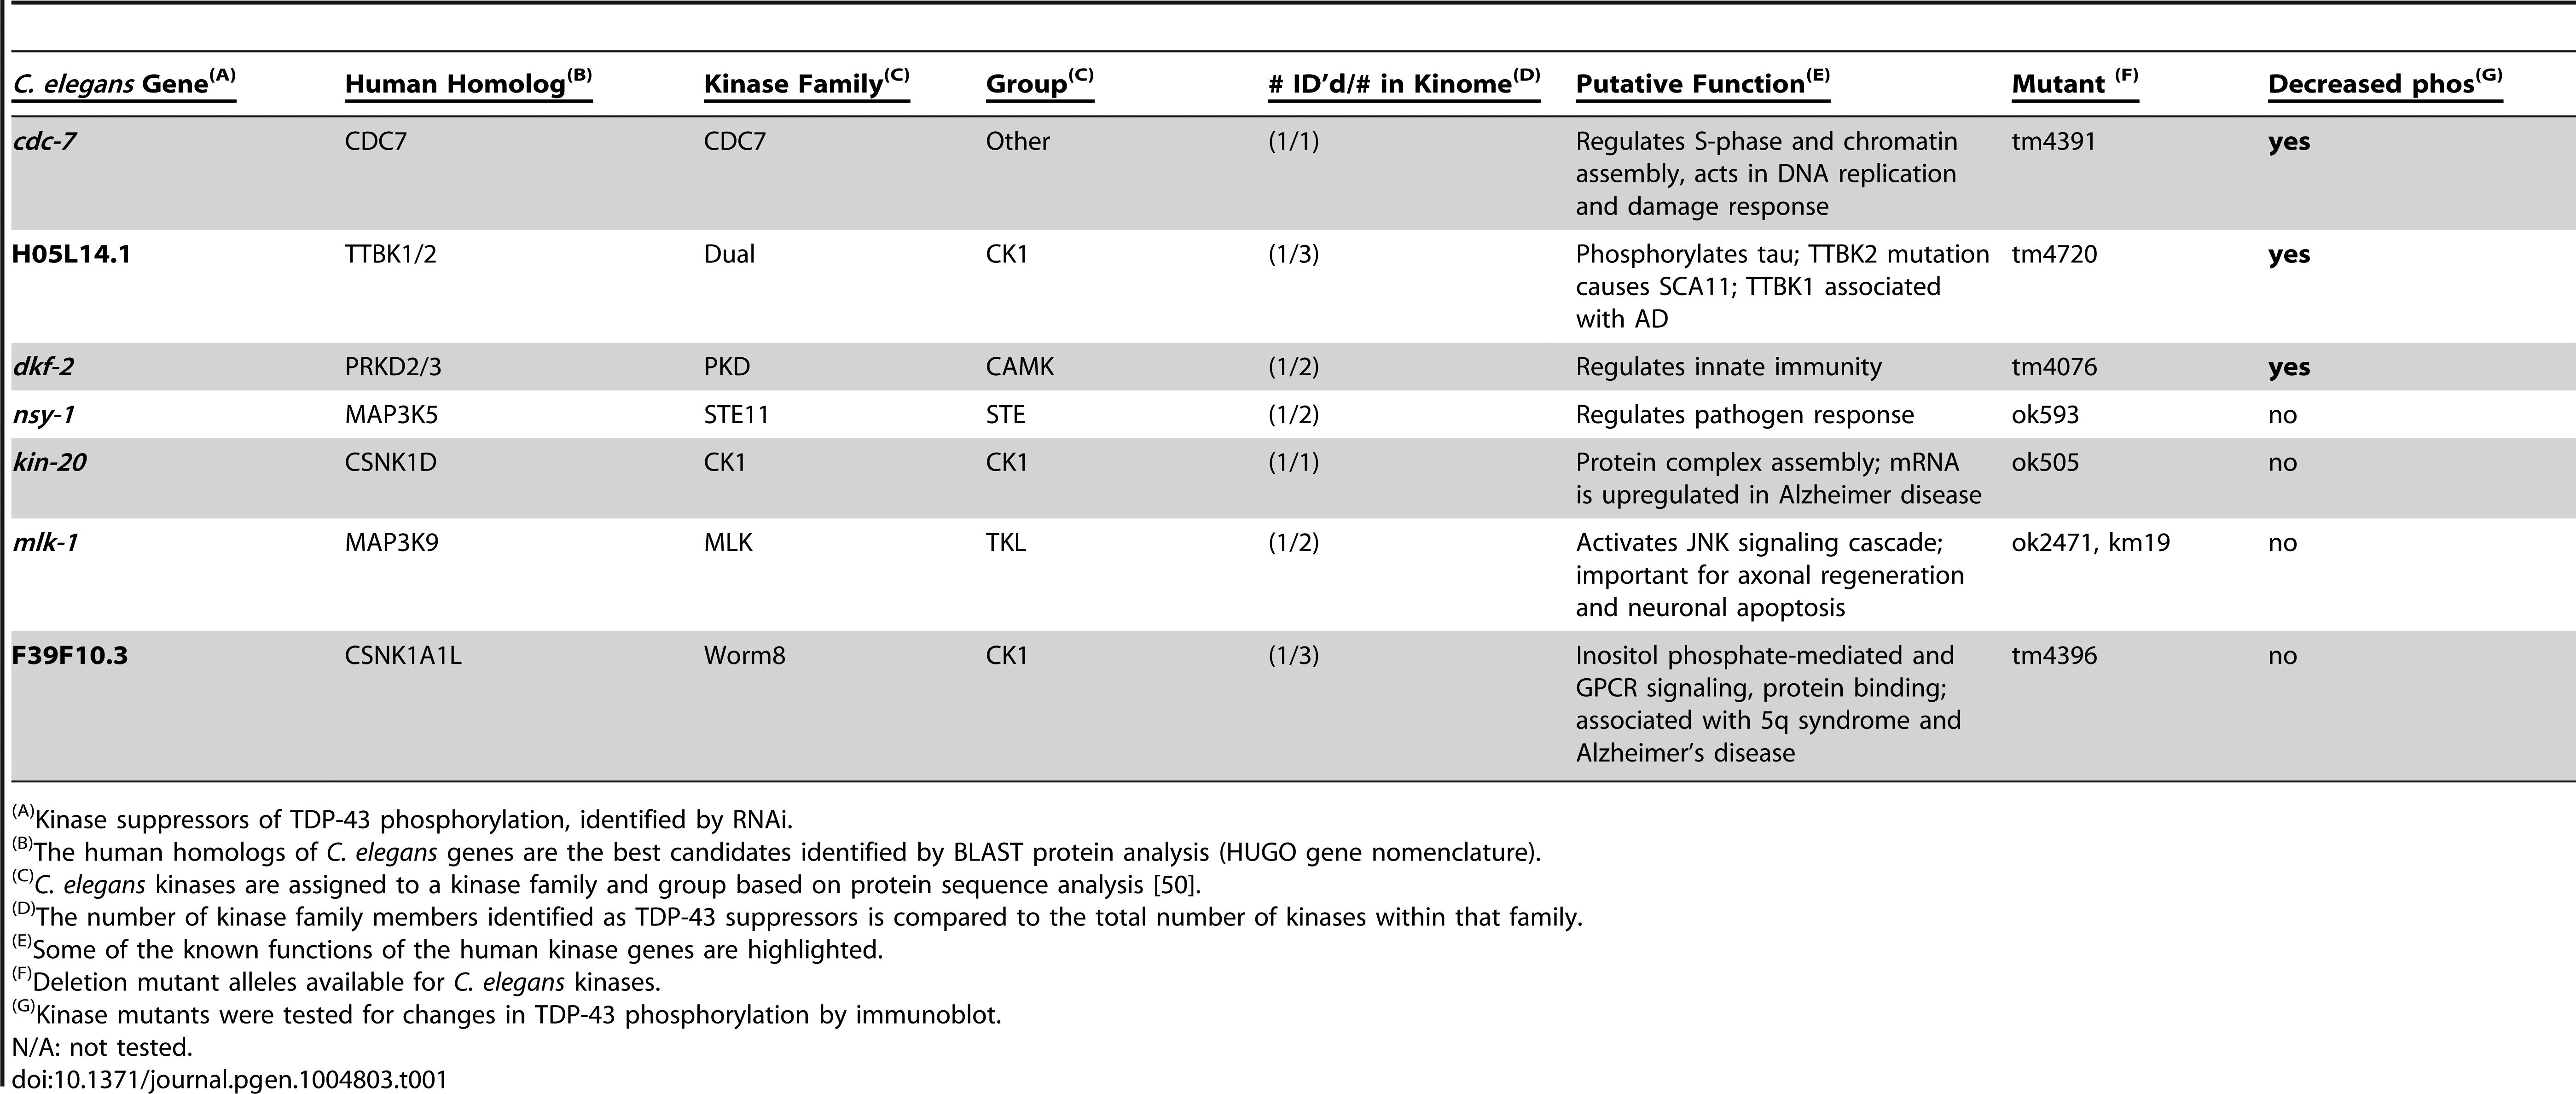 Candidate TDP-43 kinases identified by RNAi screening.